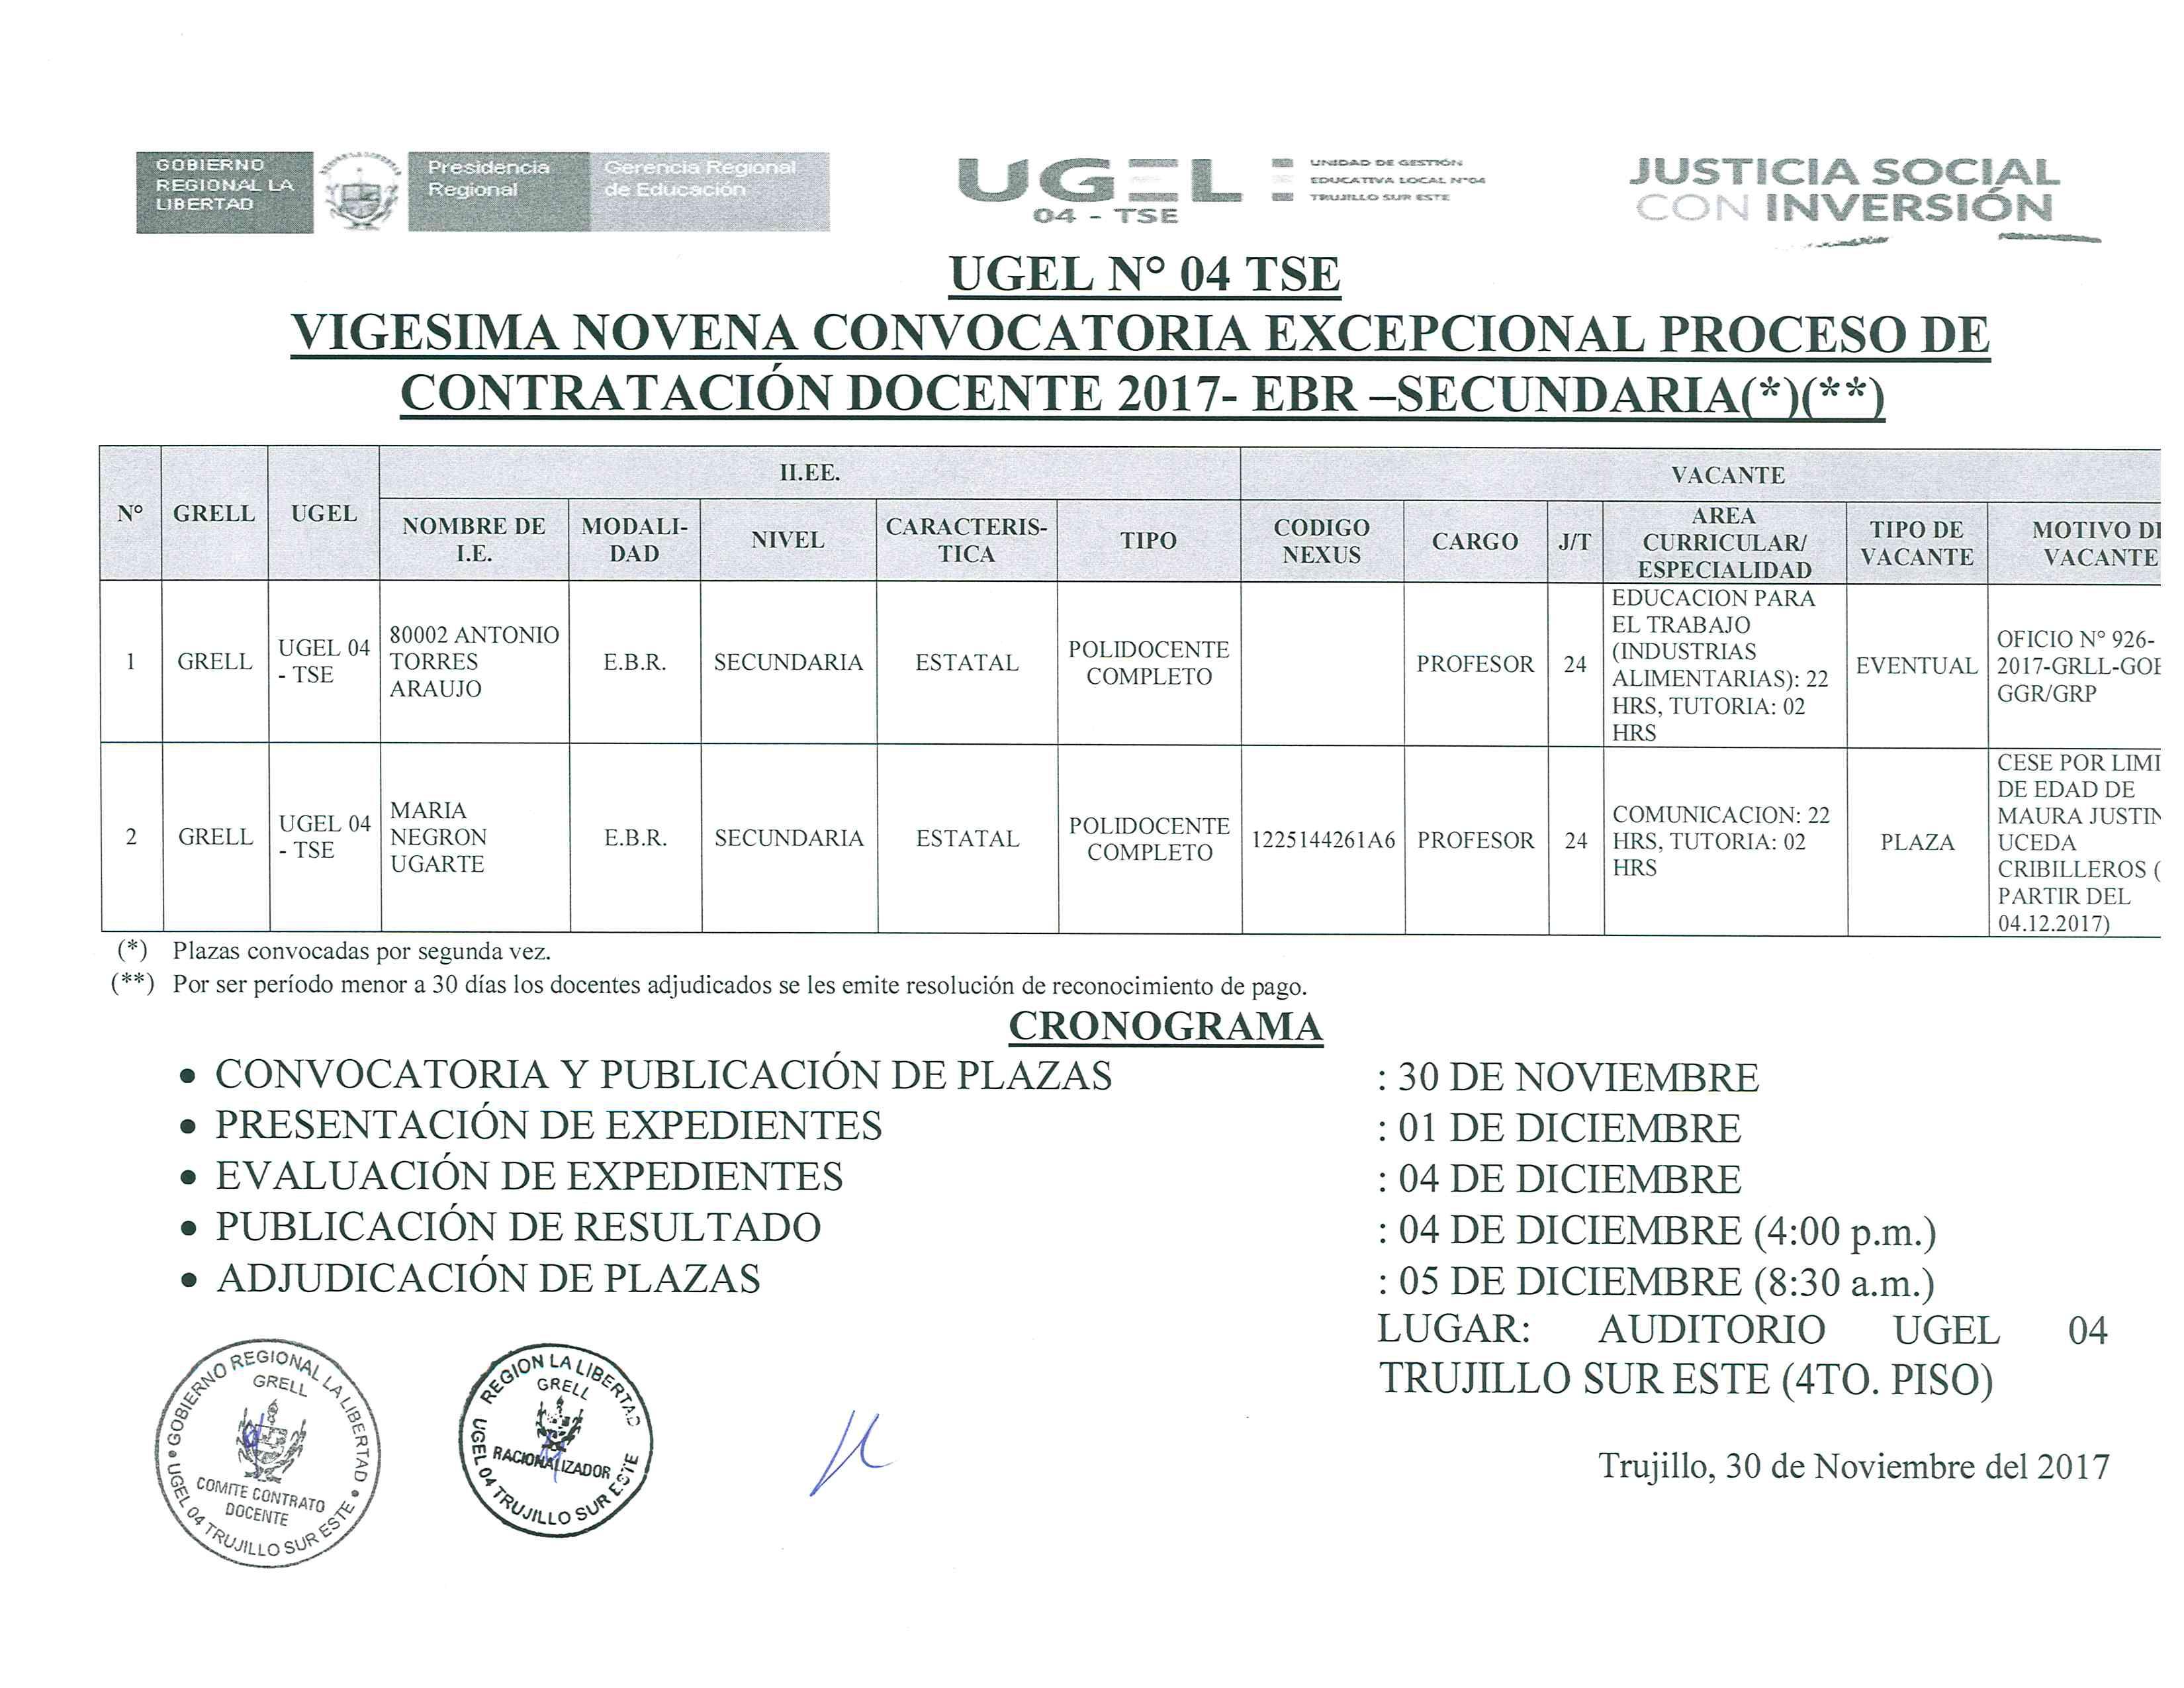 Vigesima novena convocatoria excepcional excepcional for Convocatoria de plazas docentes 2017